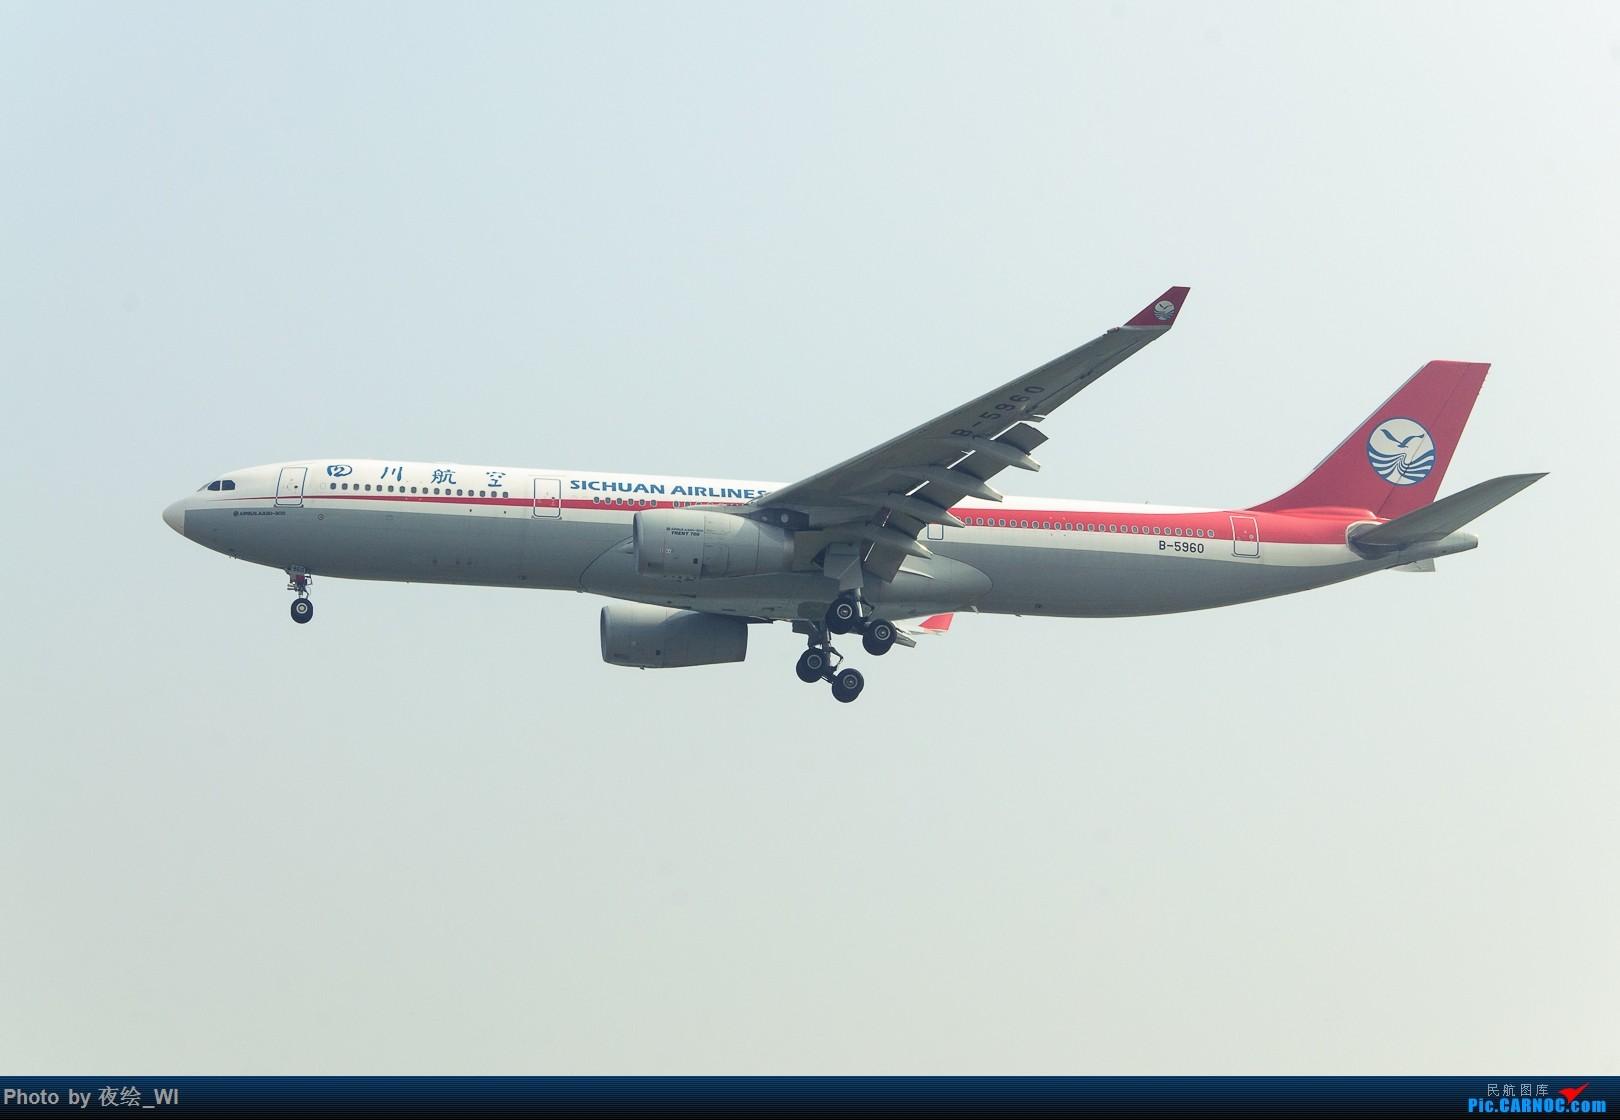 Re:[原创]【PEK】十月初雾霾下的国航牡丹及787 AIRBUS A330-300 B-5960 中国北京首都国际机场